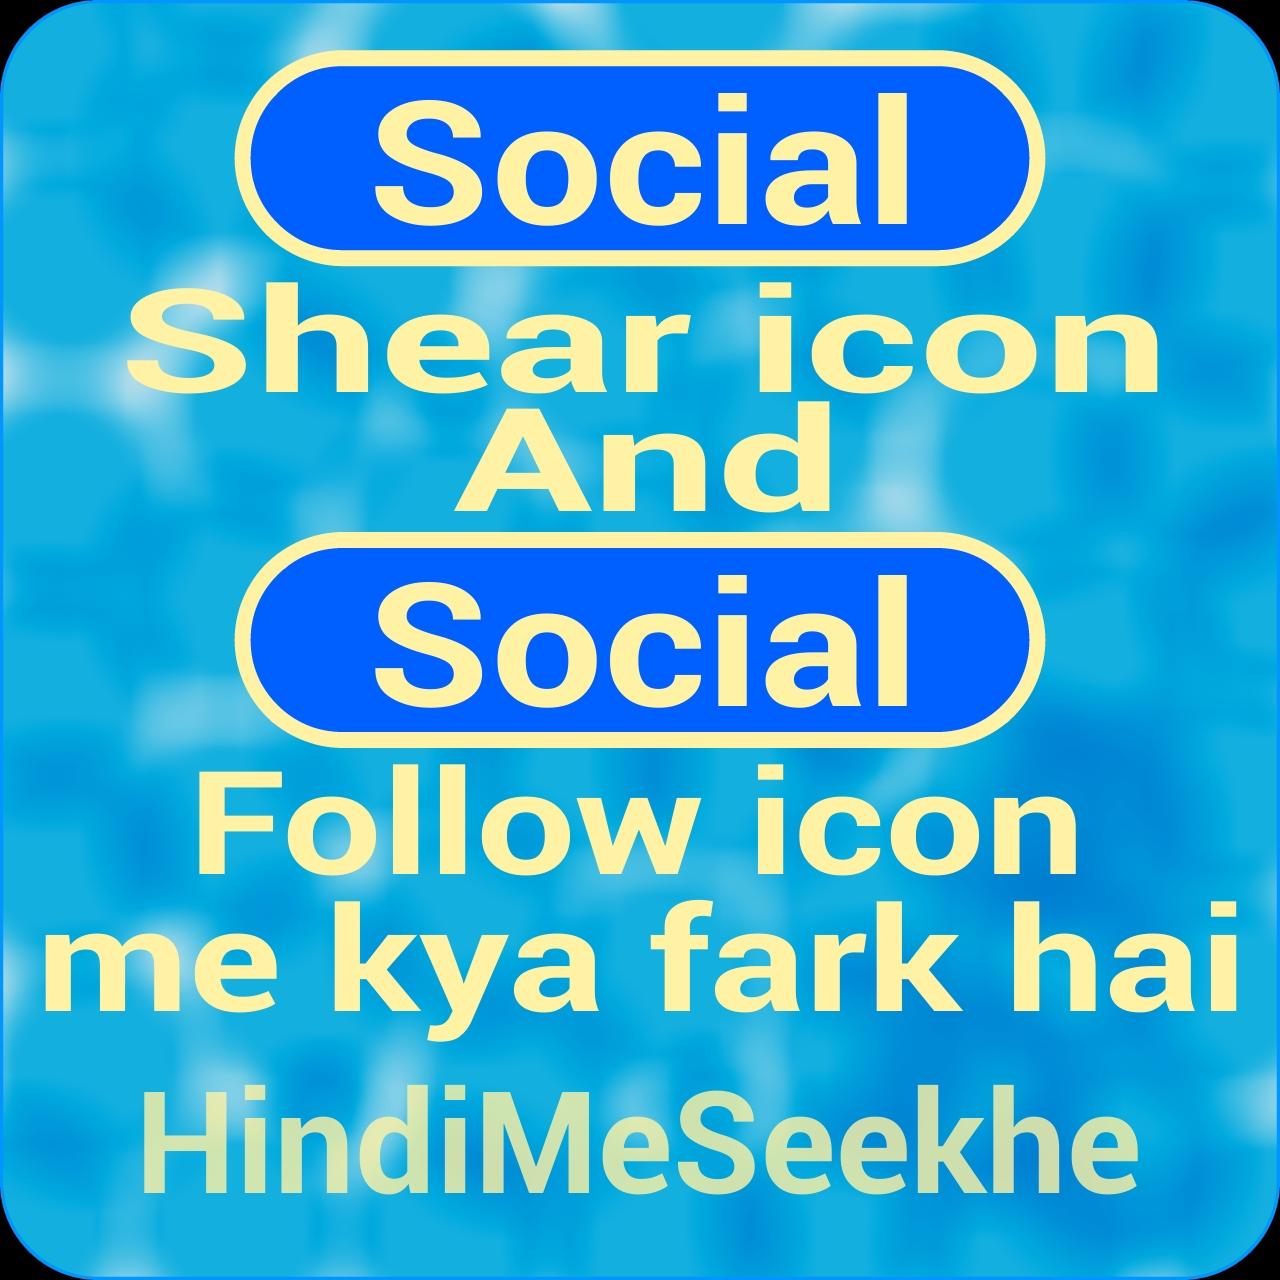 Social share icon or social follow icon me fark kya hai. 1